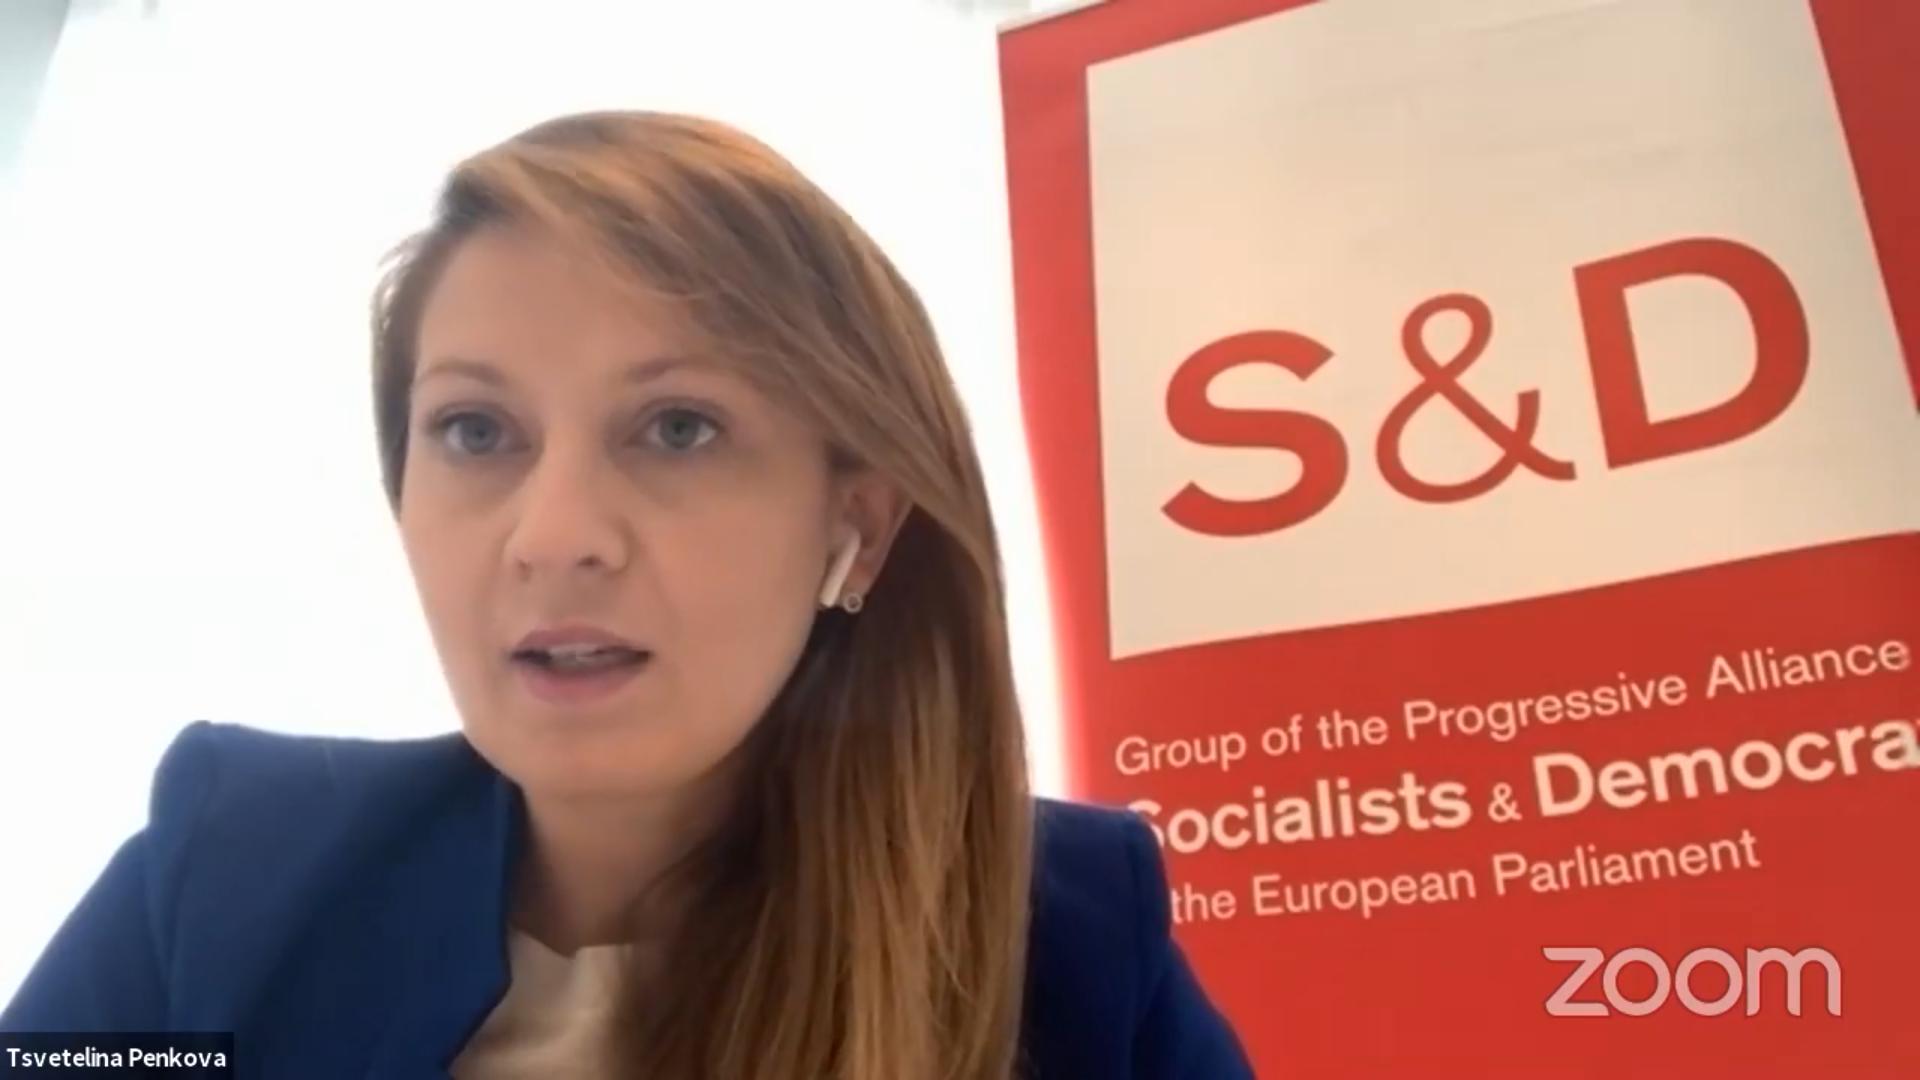 """""""Не ни трябва още от същото"""", каза Цветелина Пенкова в онлайн дискусия относно европейските средства"""